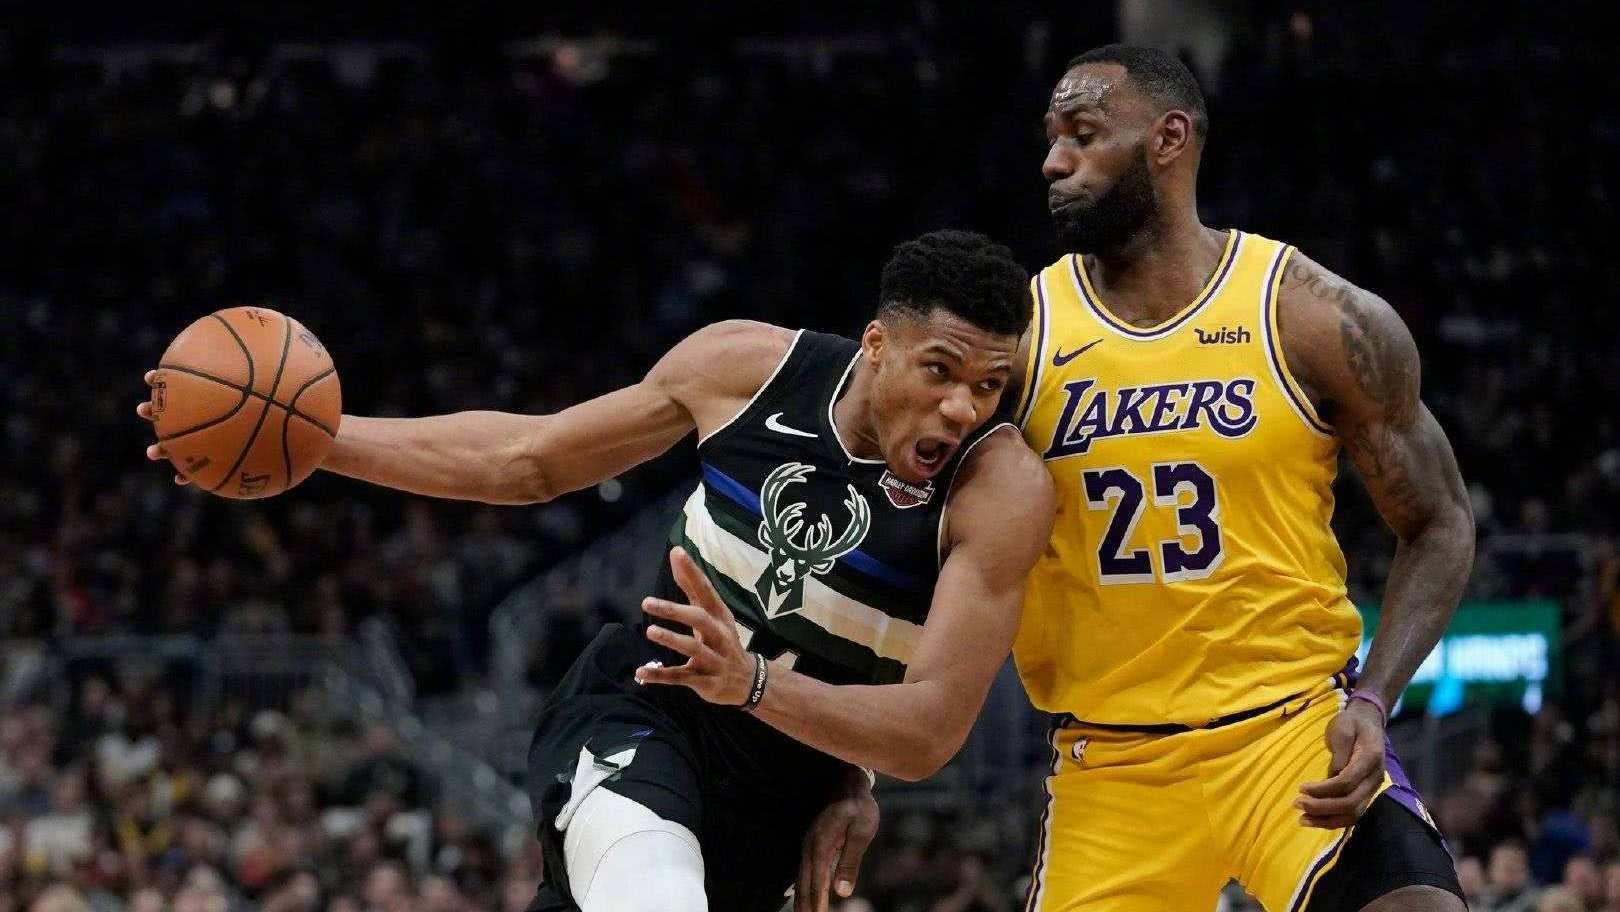 历史上的今天:神偷季后赛豪取54分 一成就胜过科比詹姆斯_全景NBA